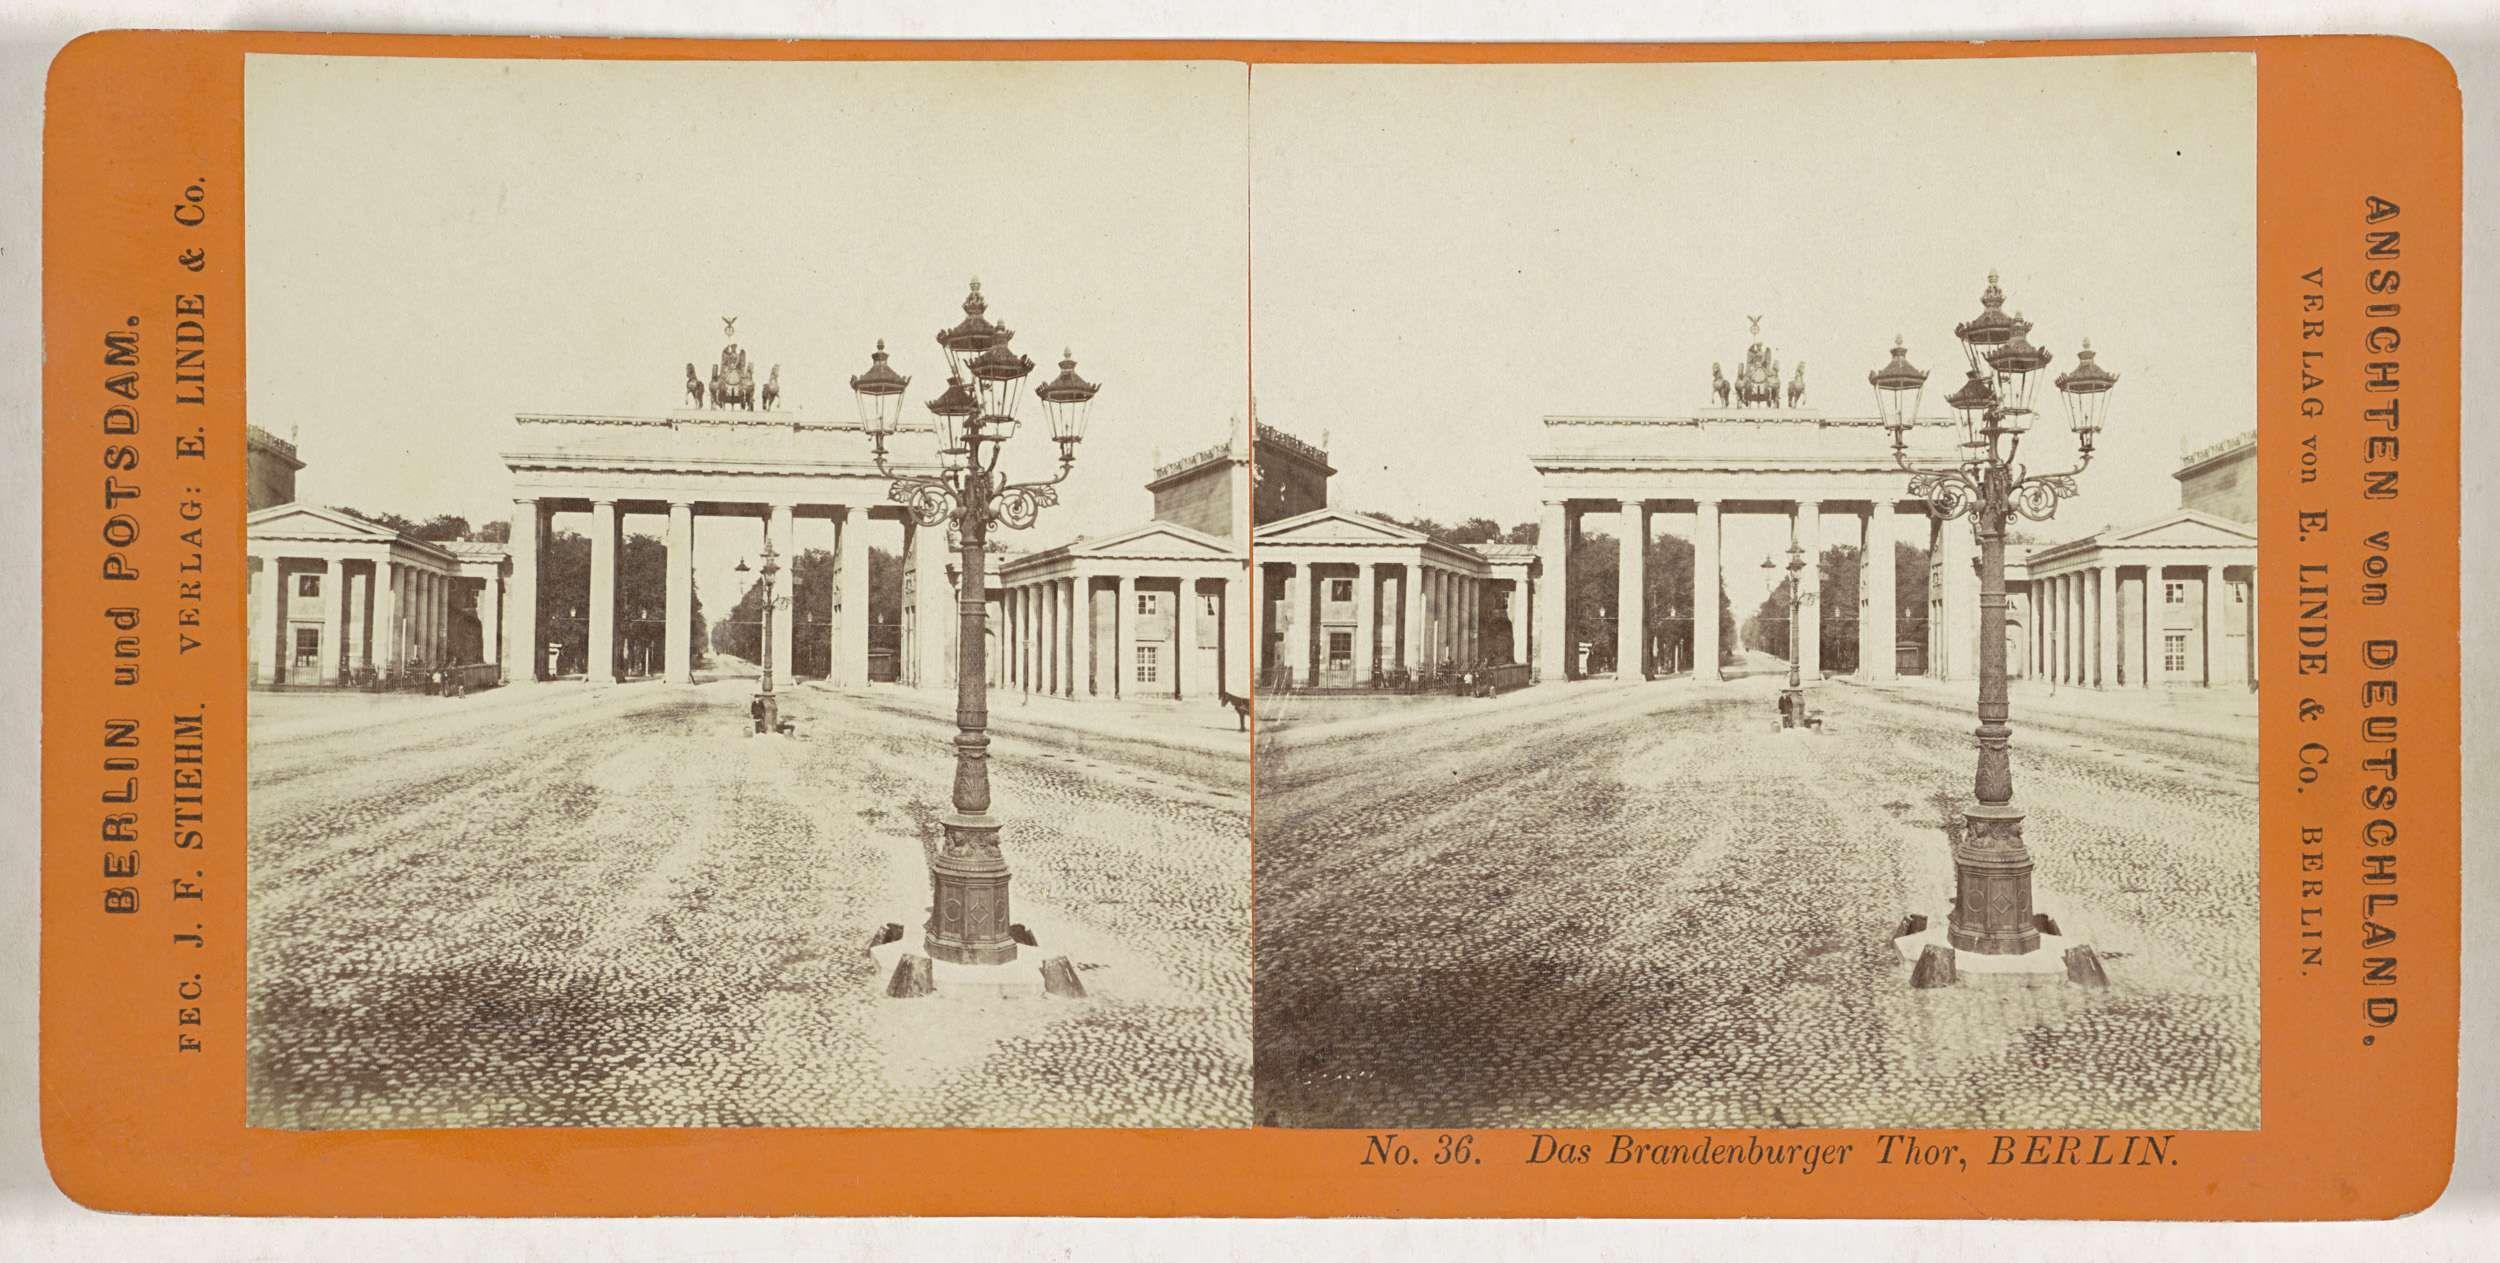 Johann Friedrich Stiehm | Das Brandenburger Thor, Berlin, Johann Friedrich Stiehm, E. Linde & Co, 1860 - 1890 |